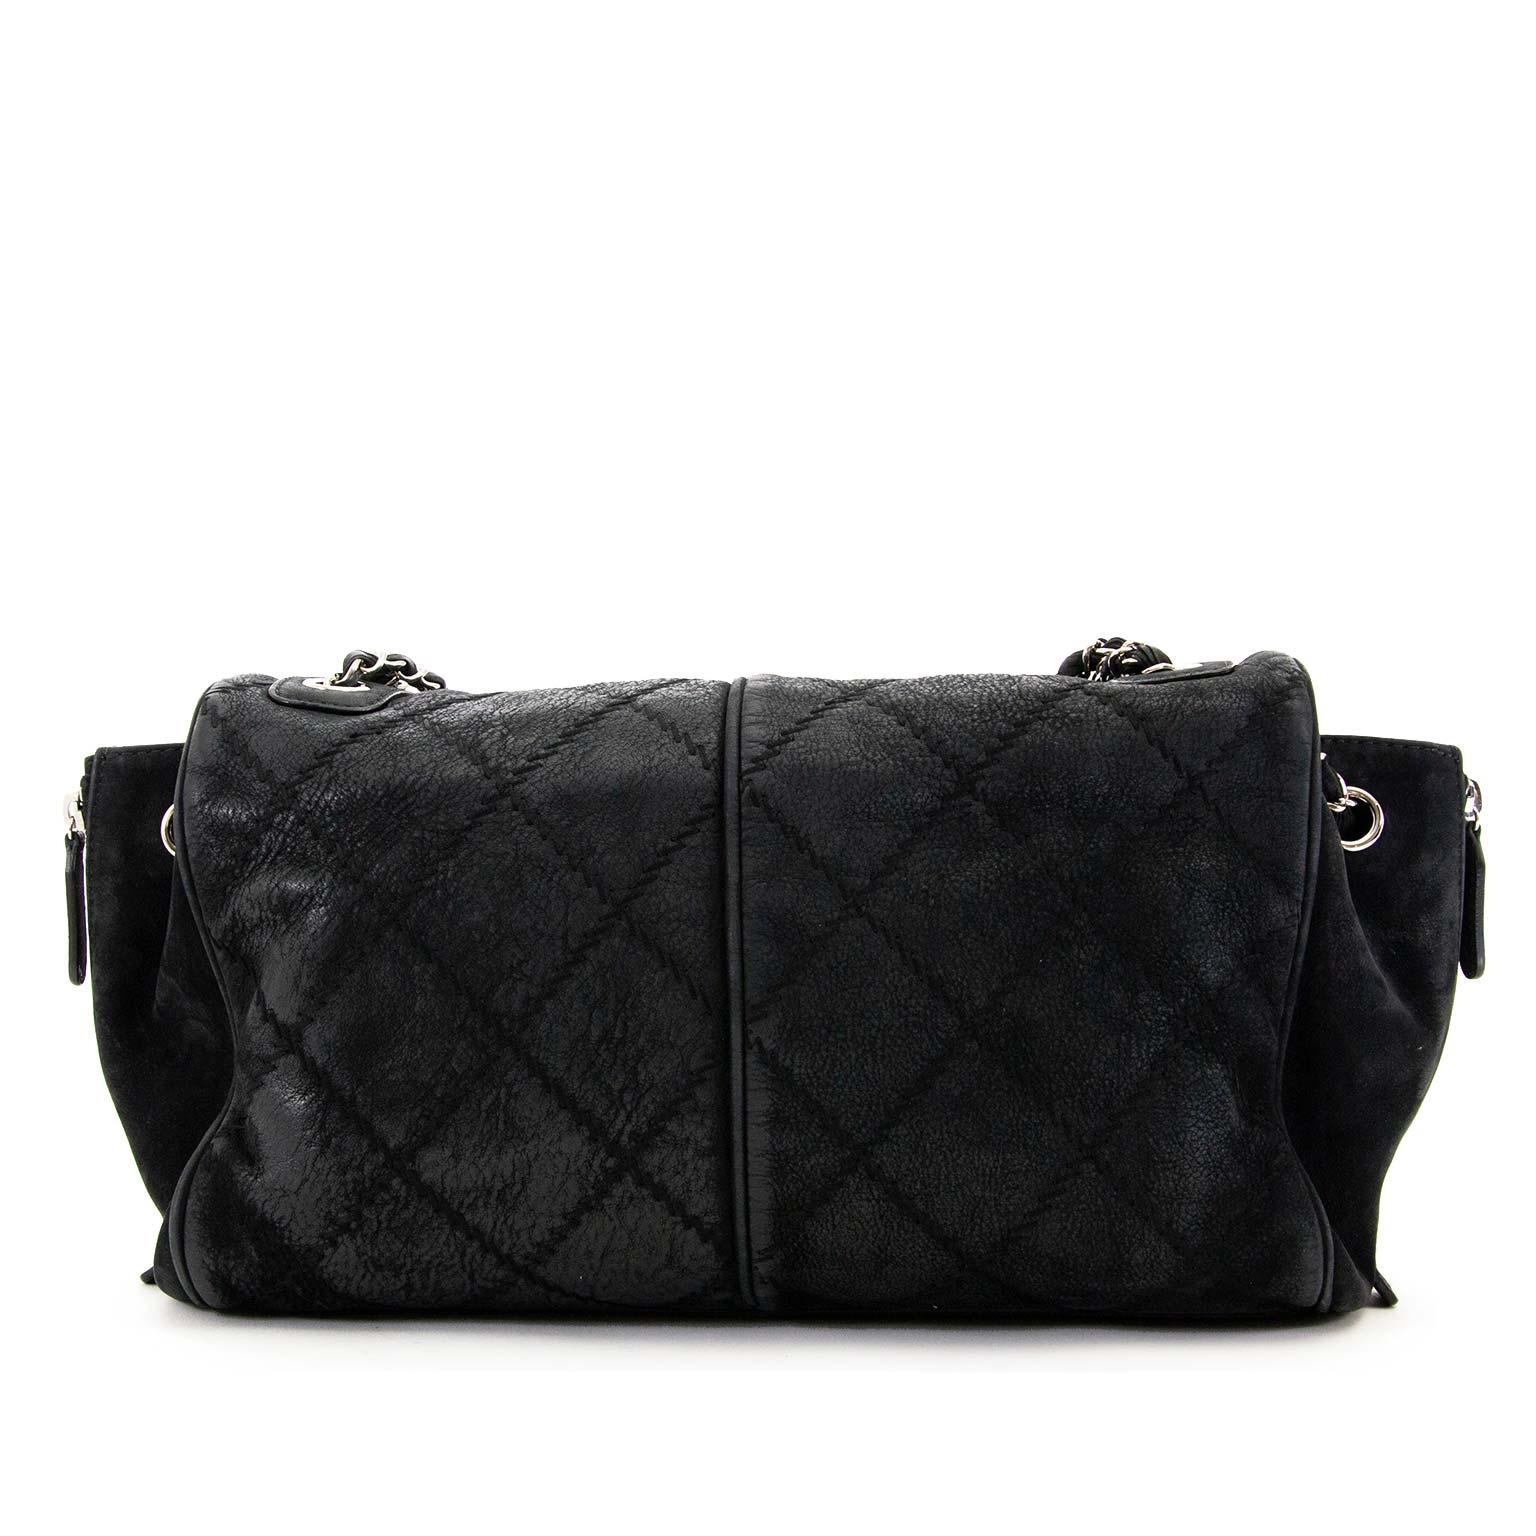 ... achetez Chanel Black Quilted Leather Ultimate Stitch Flap Bag chez  labellov pour le meilleur prix 23d0706e7cddb